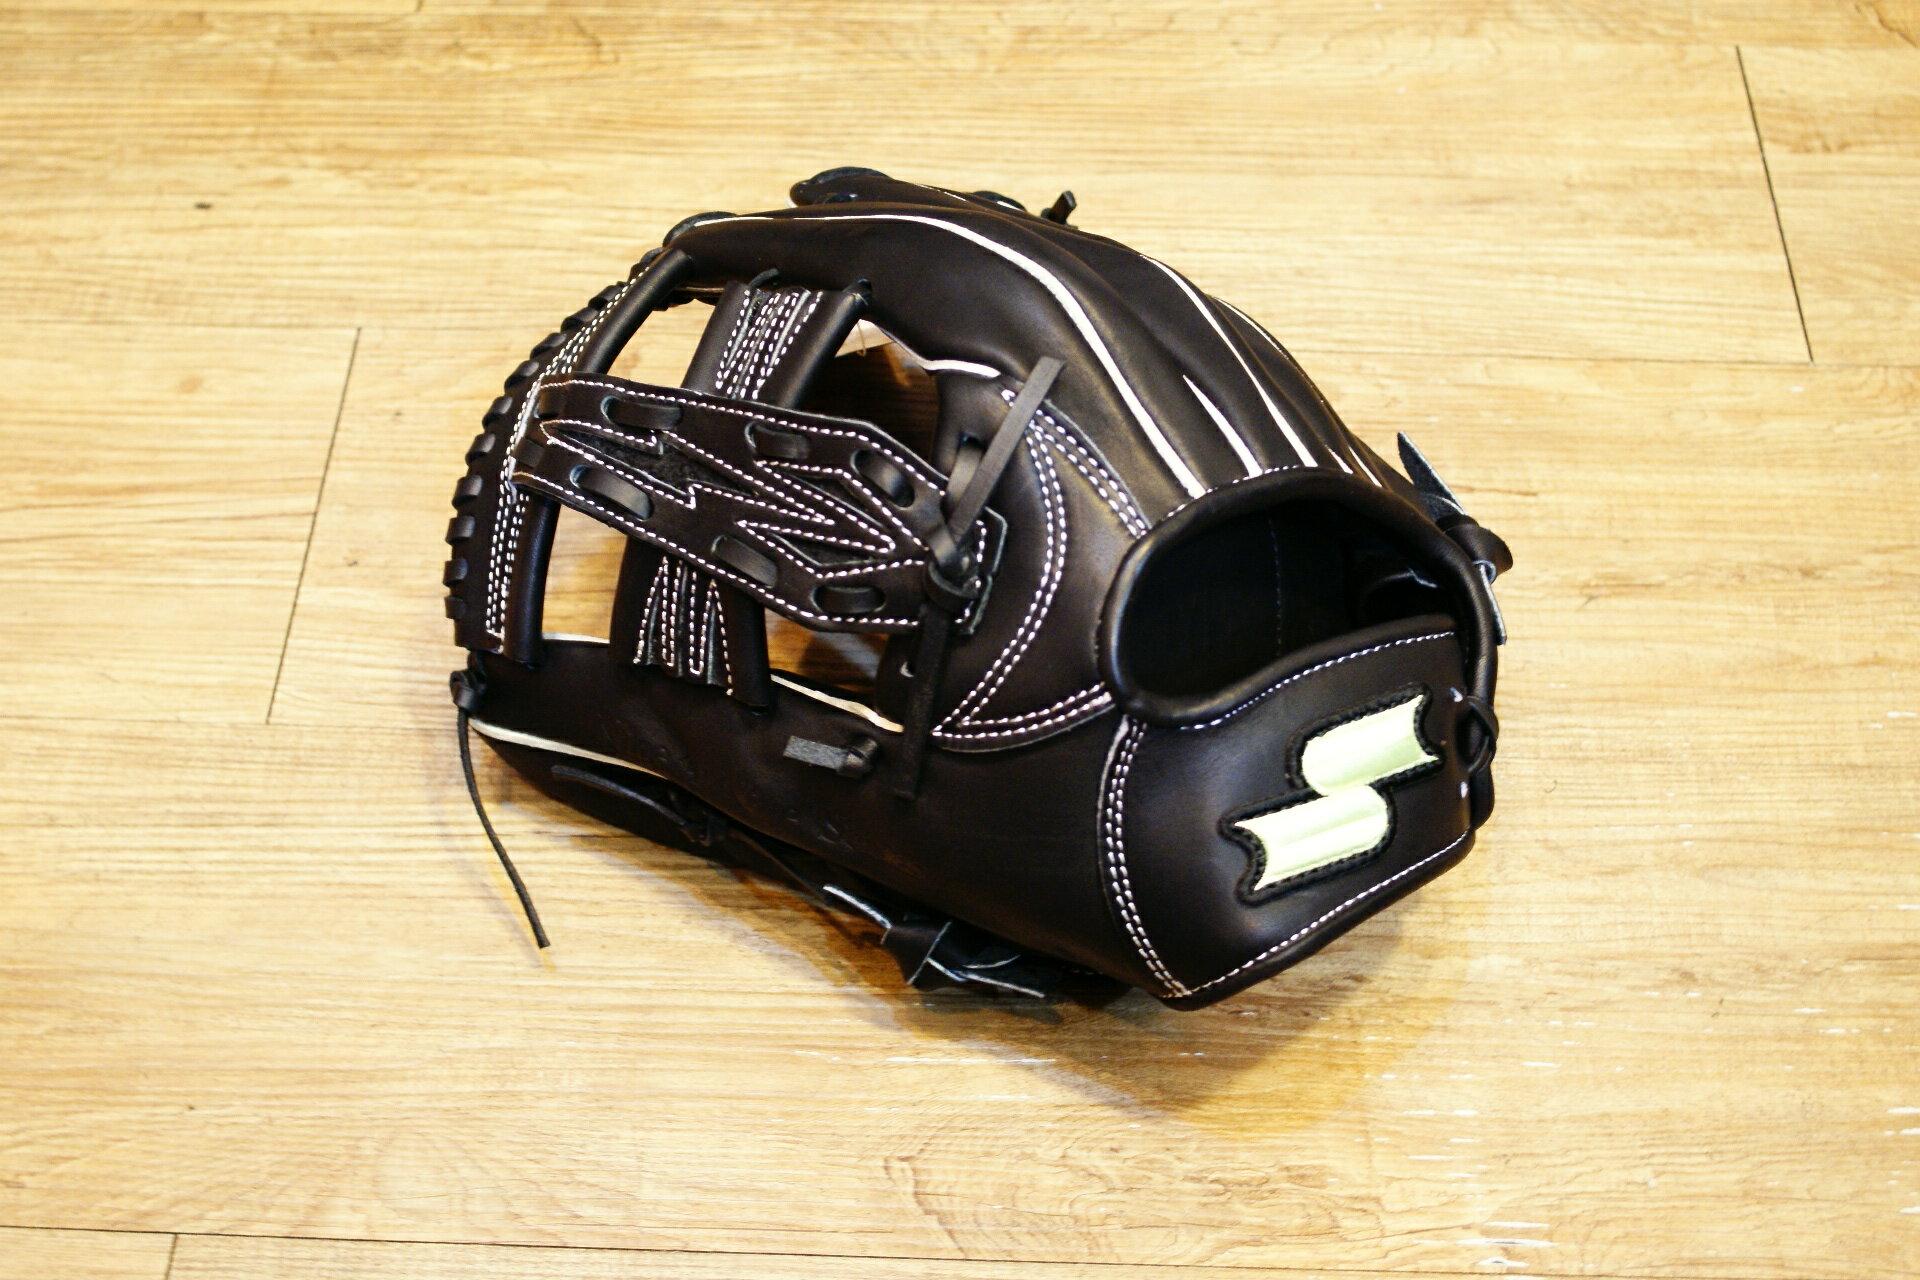 棒球世界 SSK硬式棒壘通用手套特價 TRG 41內野十字 黑色反手 65折